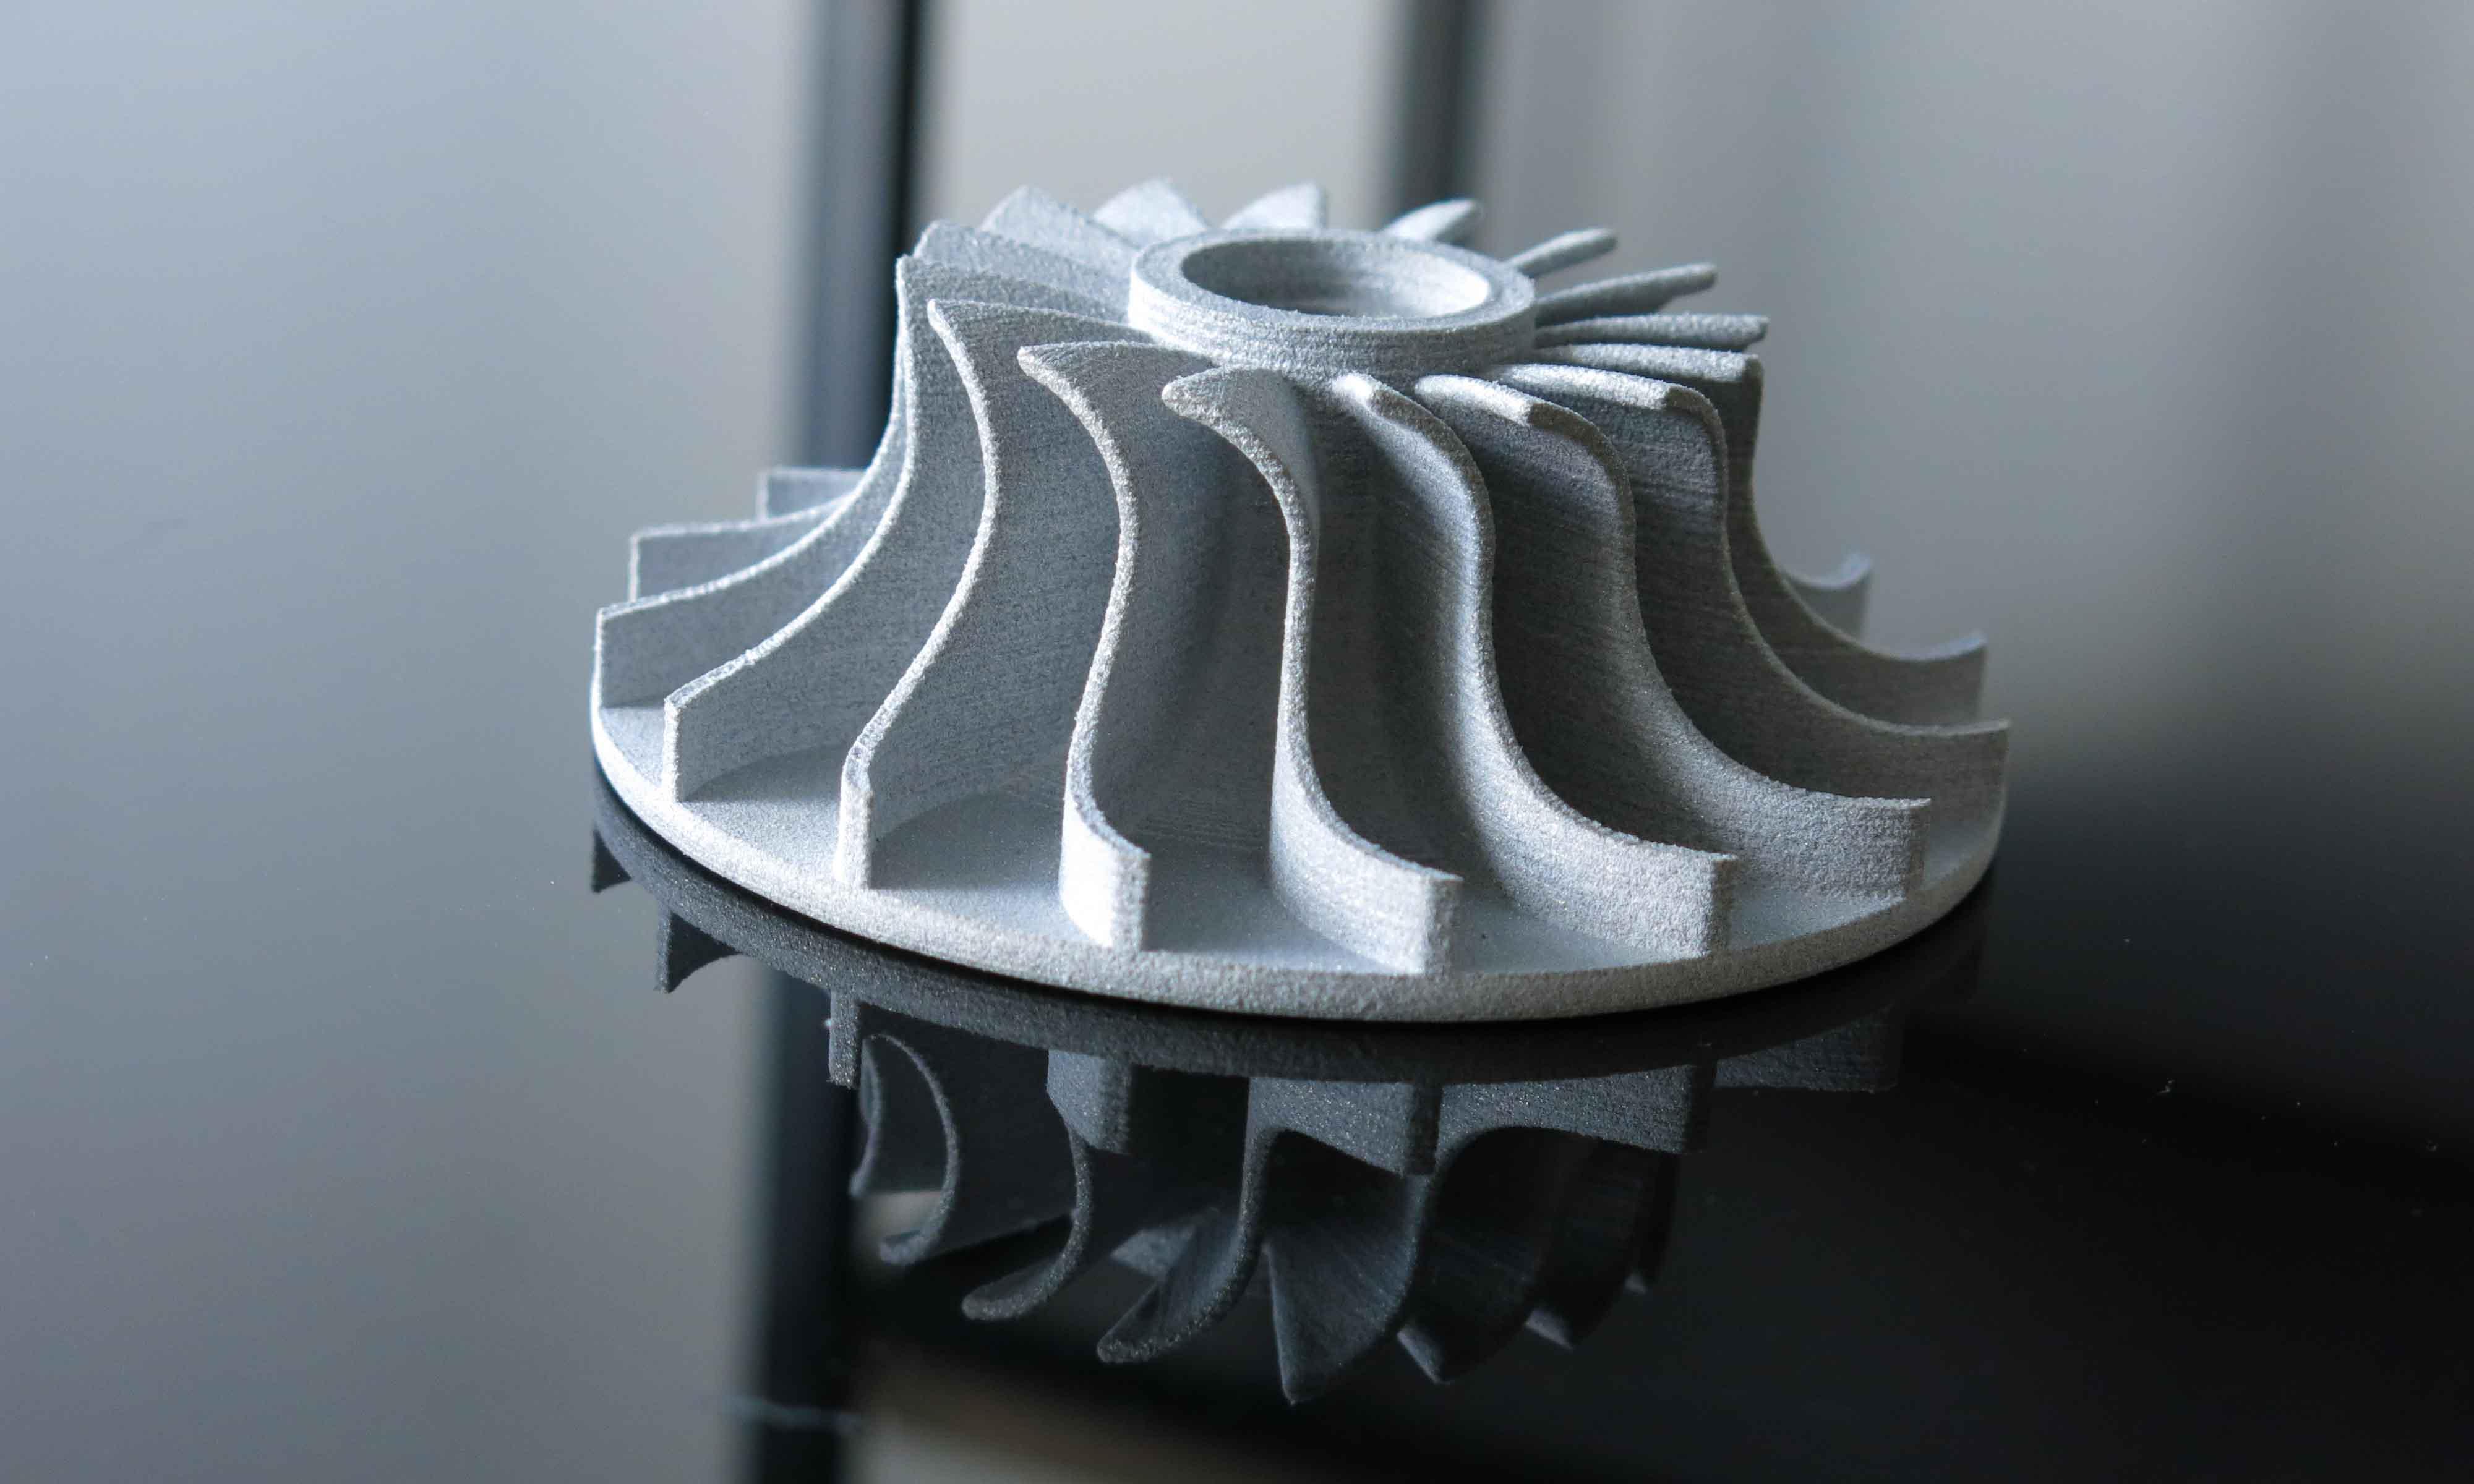 Alumide 3D printing turbine